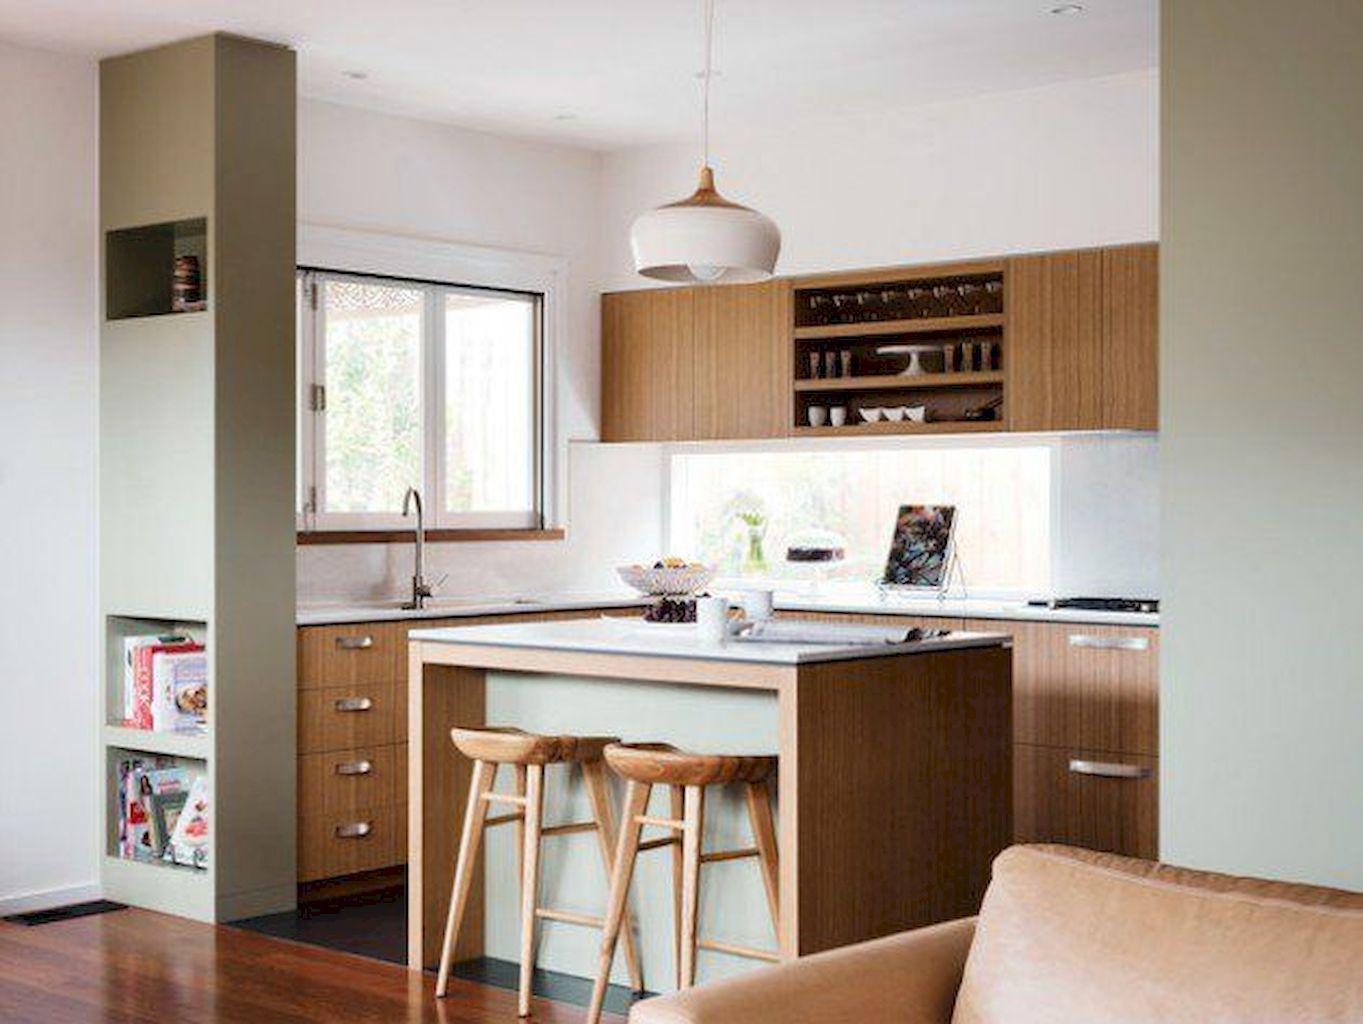 Mid Century Modern Kitchen Design Ideas 1 Kitchendesign Innenarchitektur Kuche Umbau Kleiner Kuche Und Kucheneinrichtung